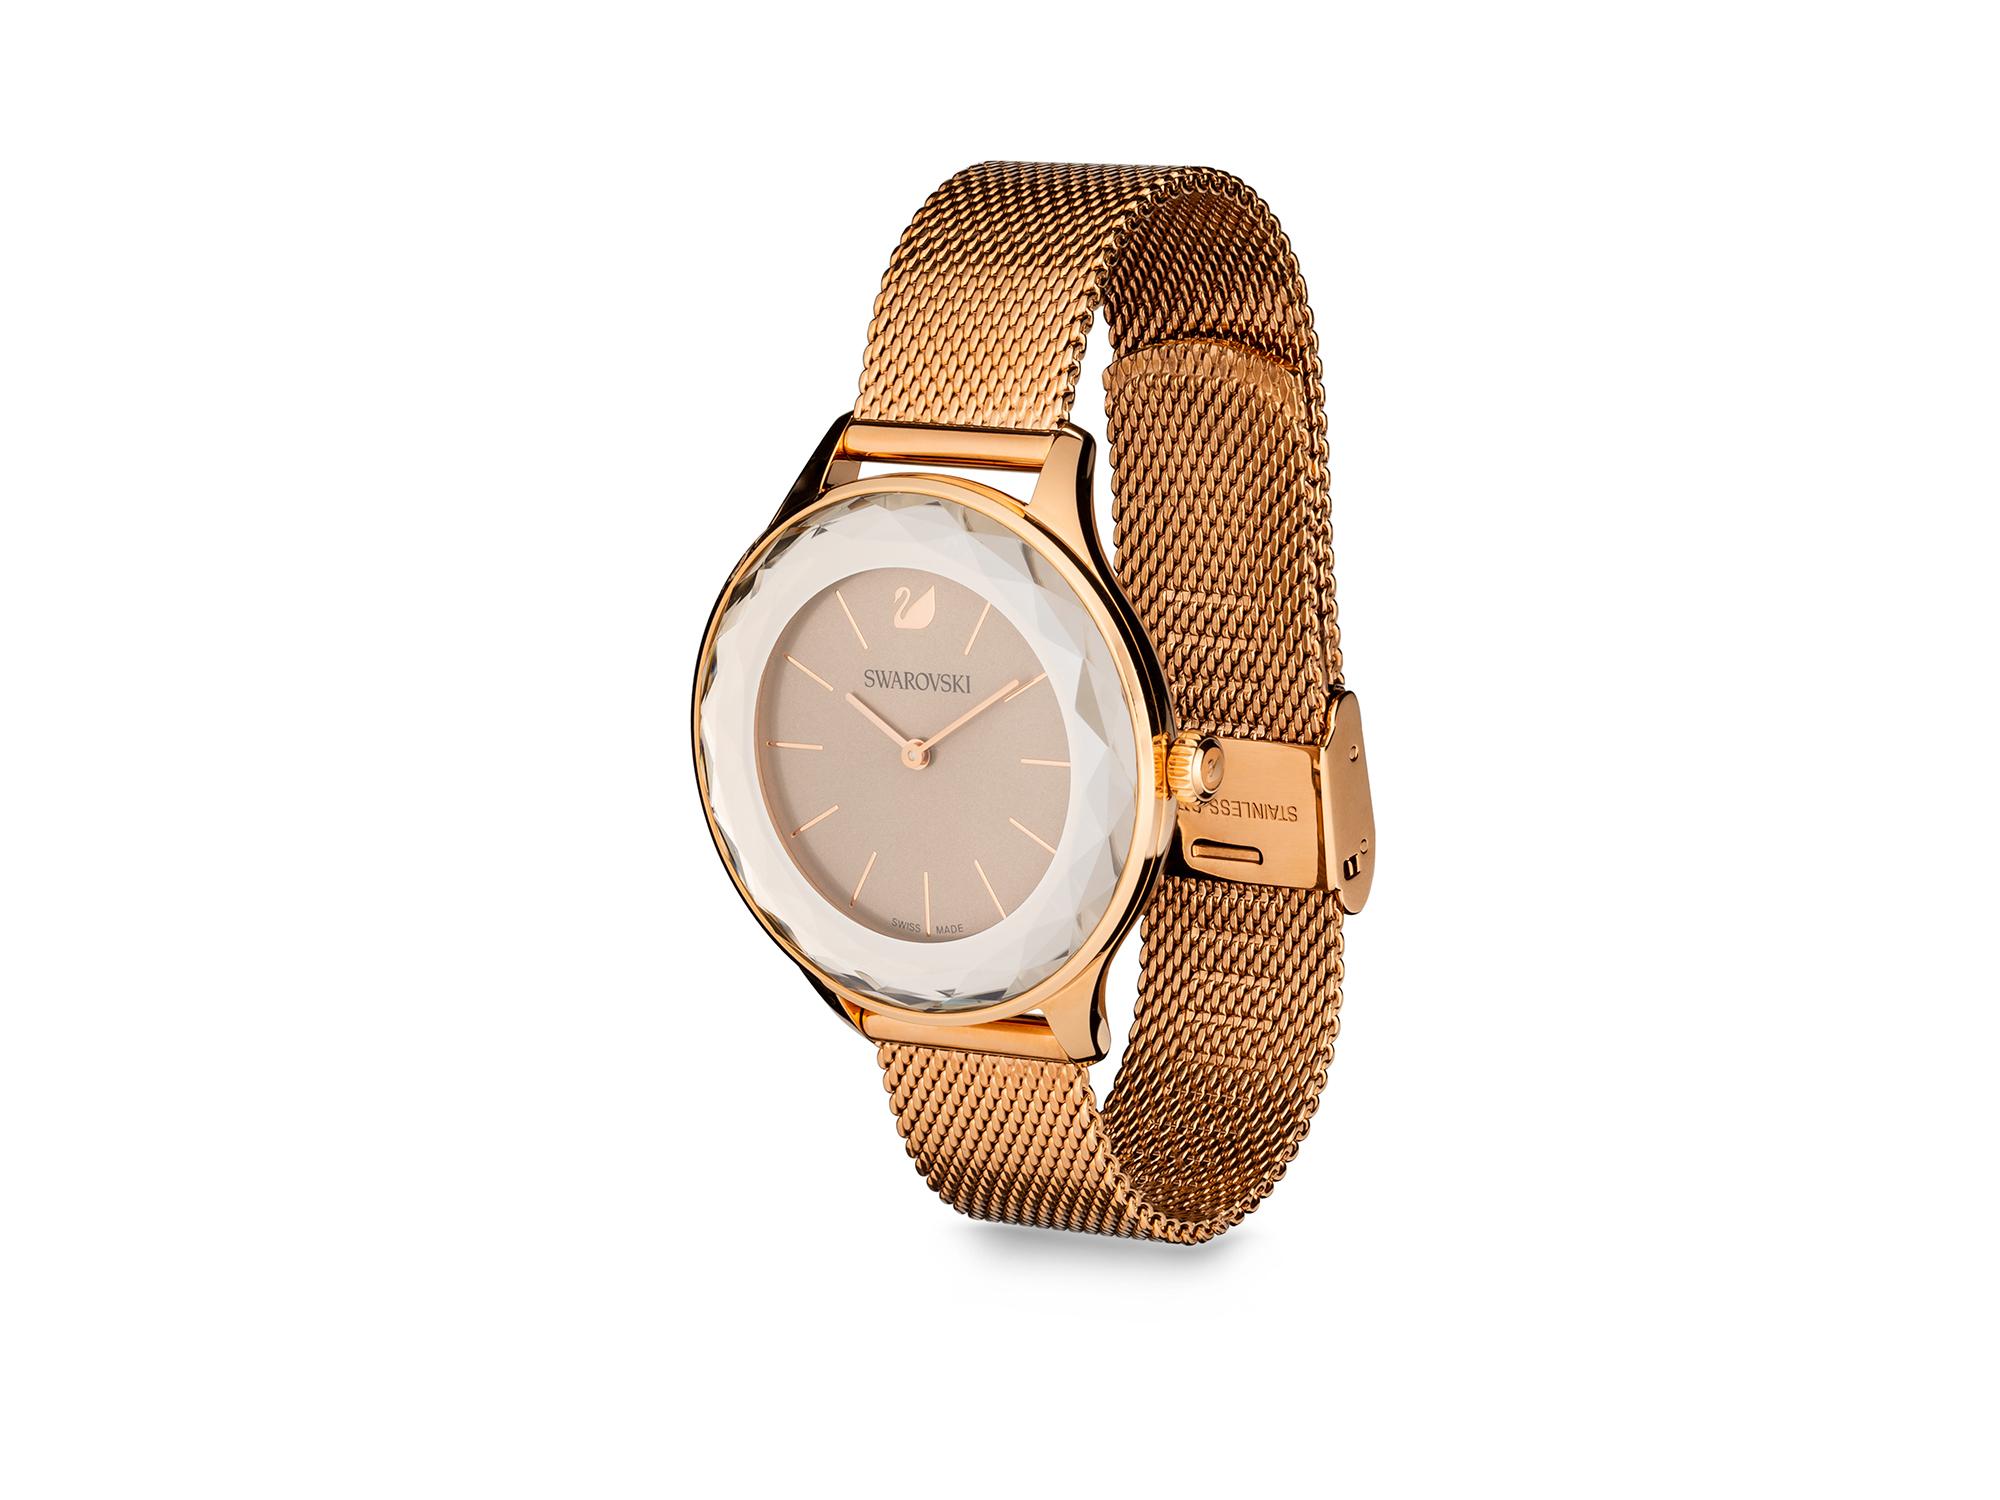 Watches-6.jpg